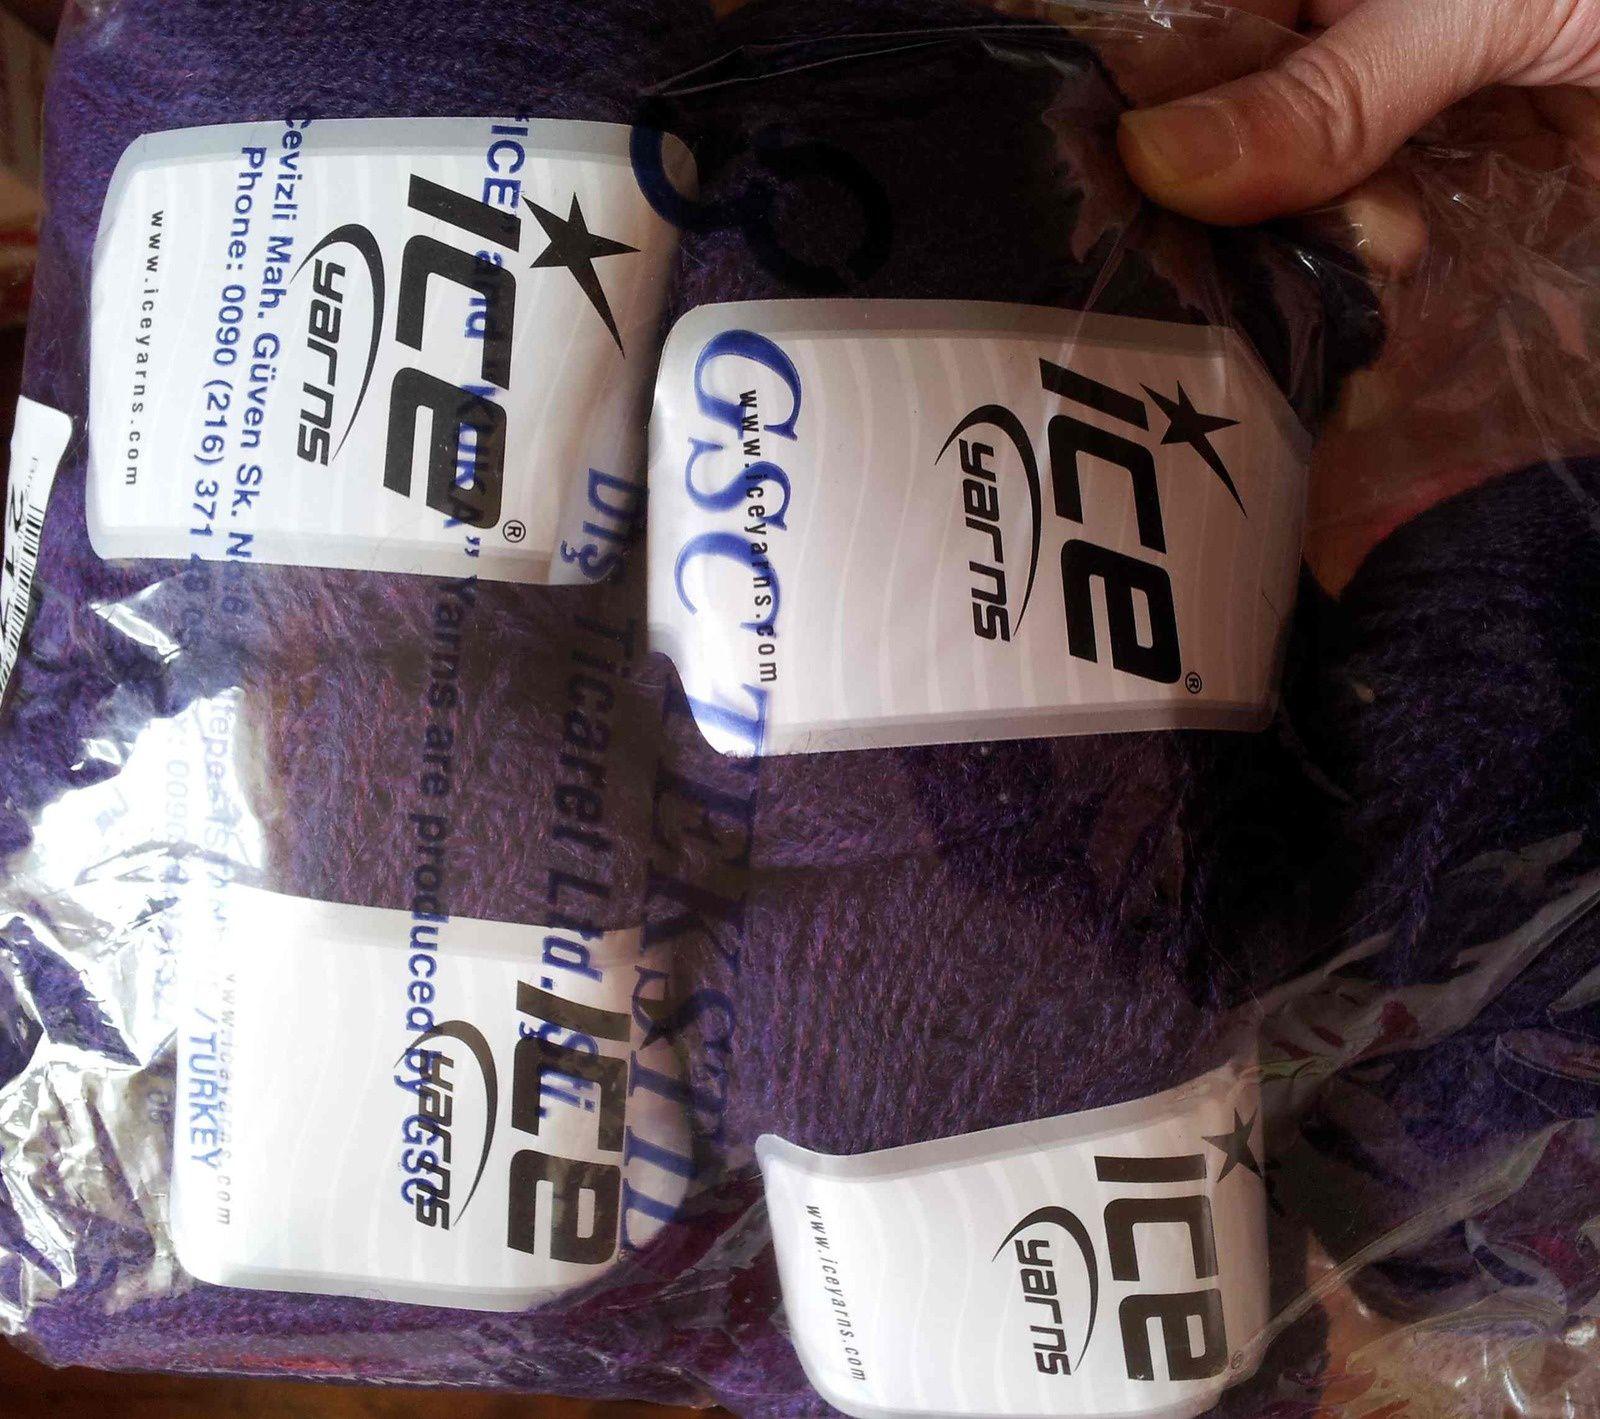 Bon j'ai oublié de préciser que j'ai acheté cette laine il y a 2 ans donc c'est une qualité qui n'existe plus... !! Et pour voir ce que ça donne mieux qu'à travers le plastique :